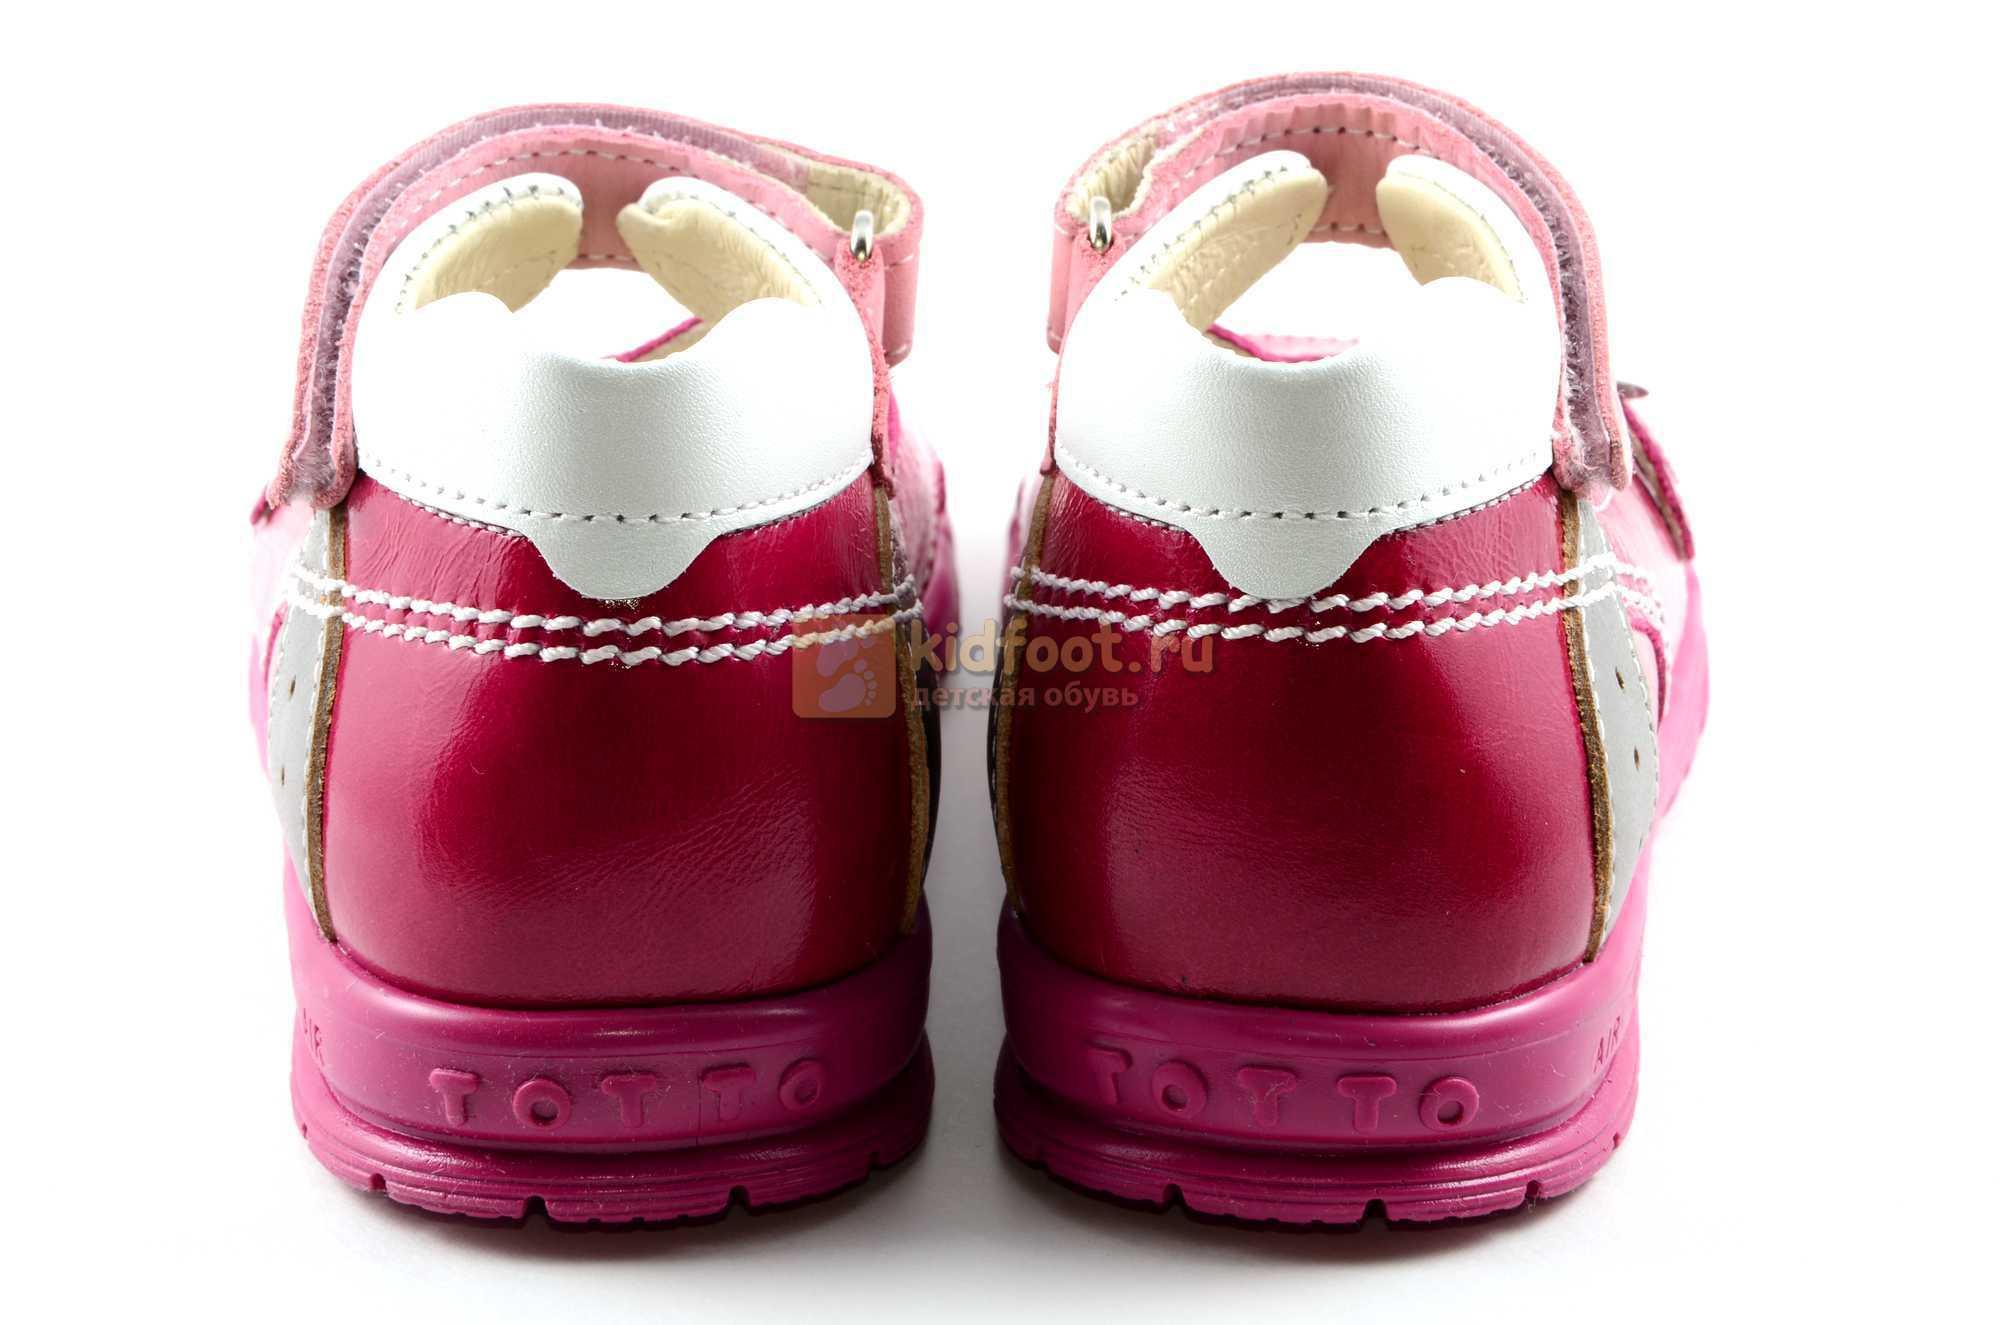 Босоножки Тотто из натуральной кожи с открытым носом для девочек, цвет малиновый розовый